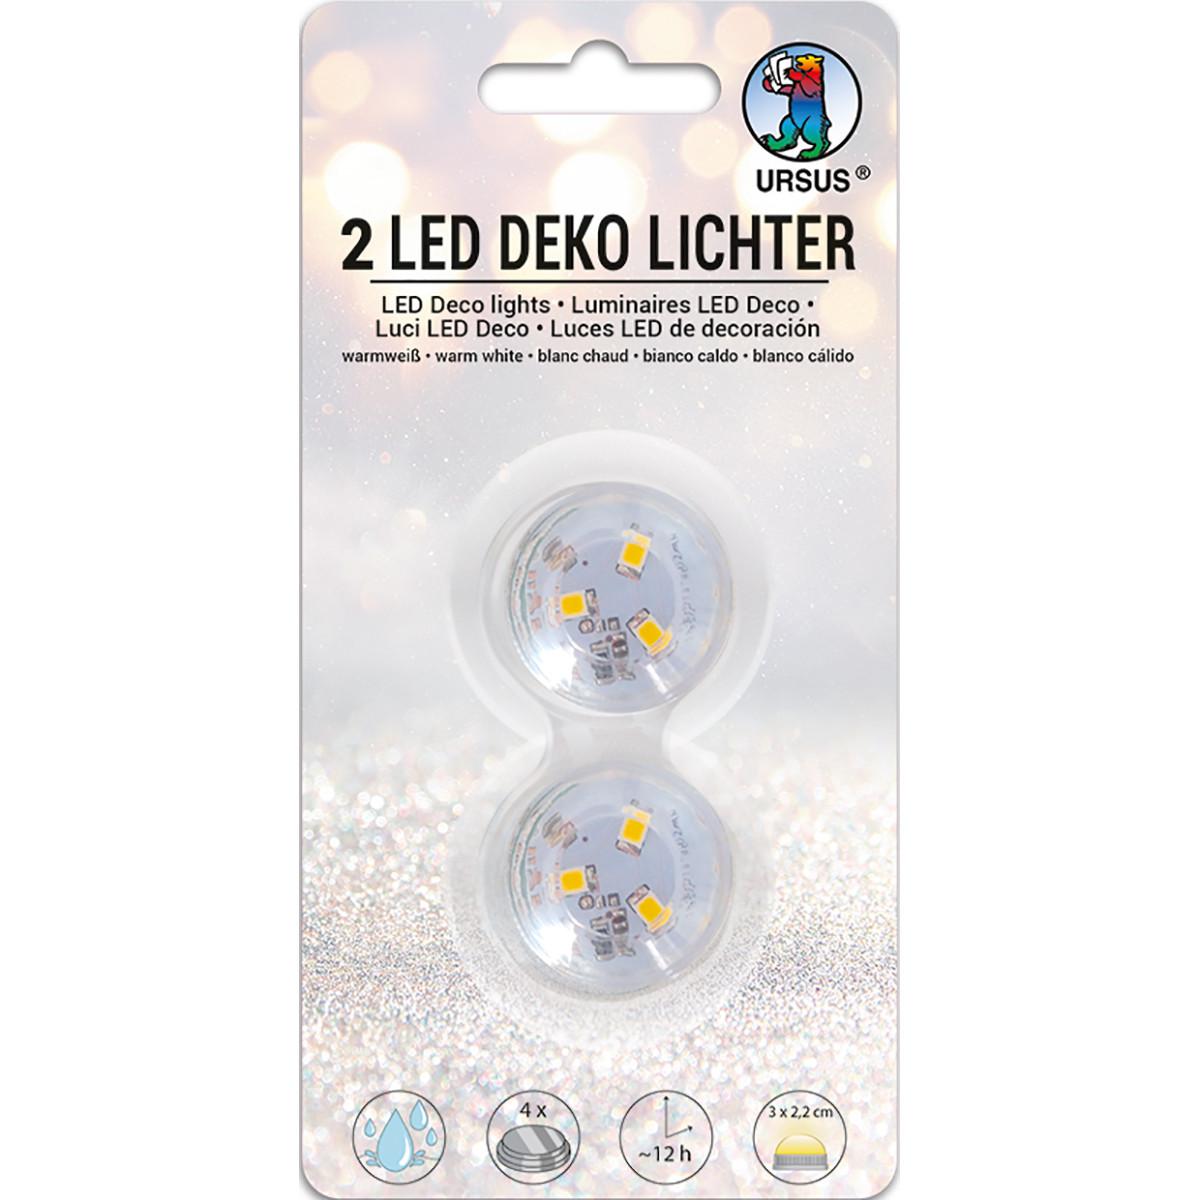 LED Deko Licht 2er Set warmweiß